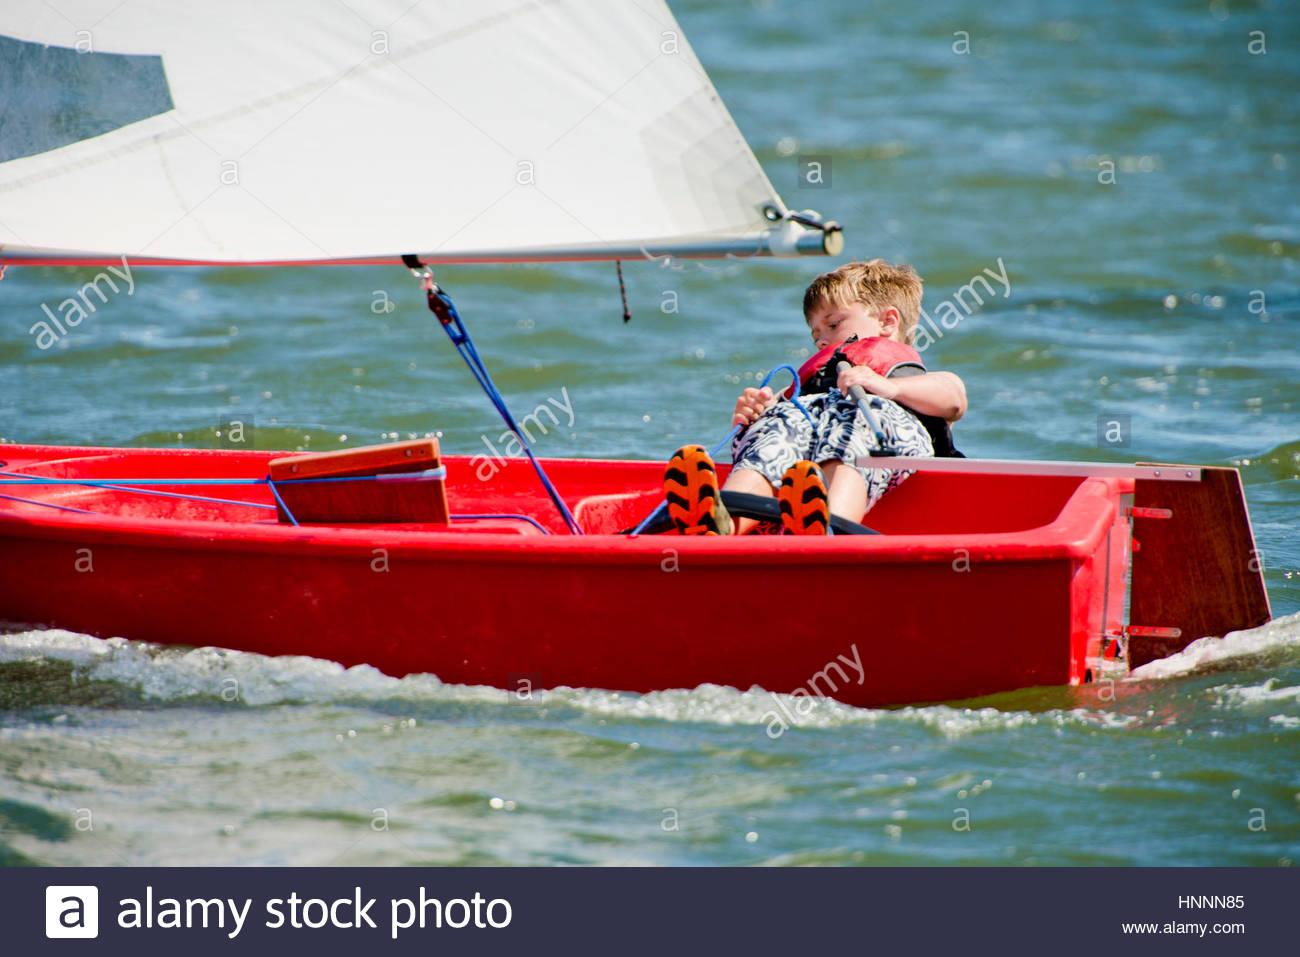 Boy controlling sailboat at sea - Stock Image